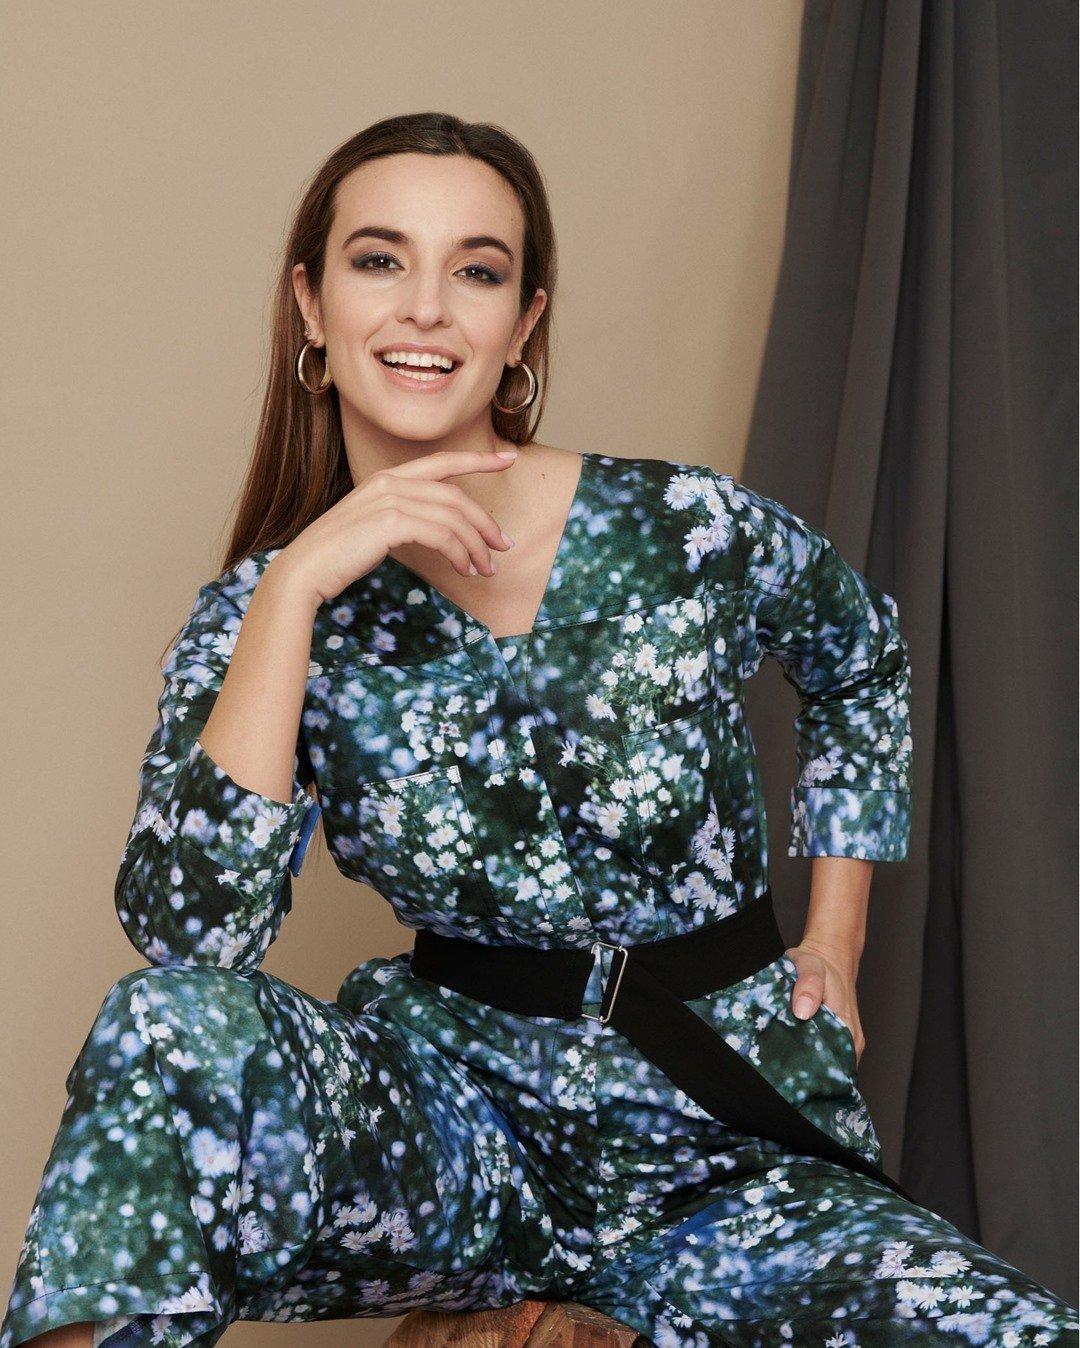 ecodicta moda sostenible fashion sharing alquilar ropa